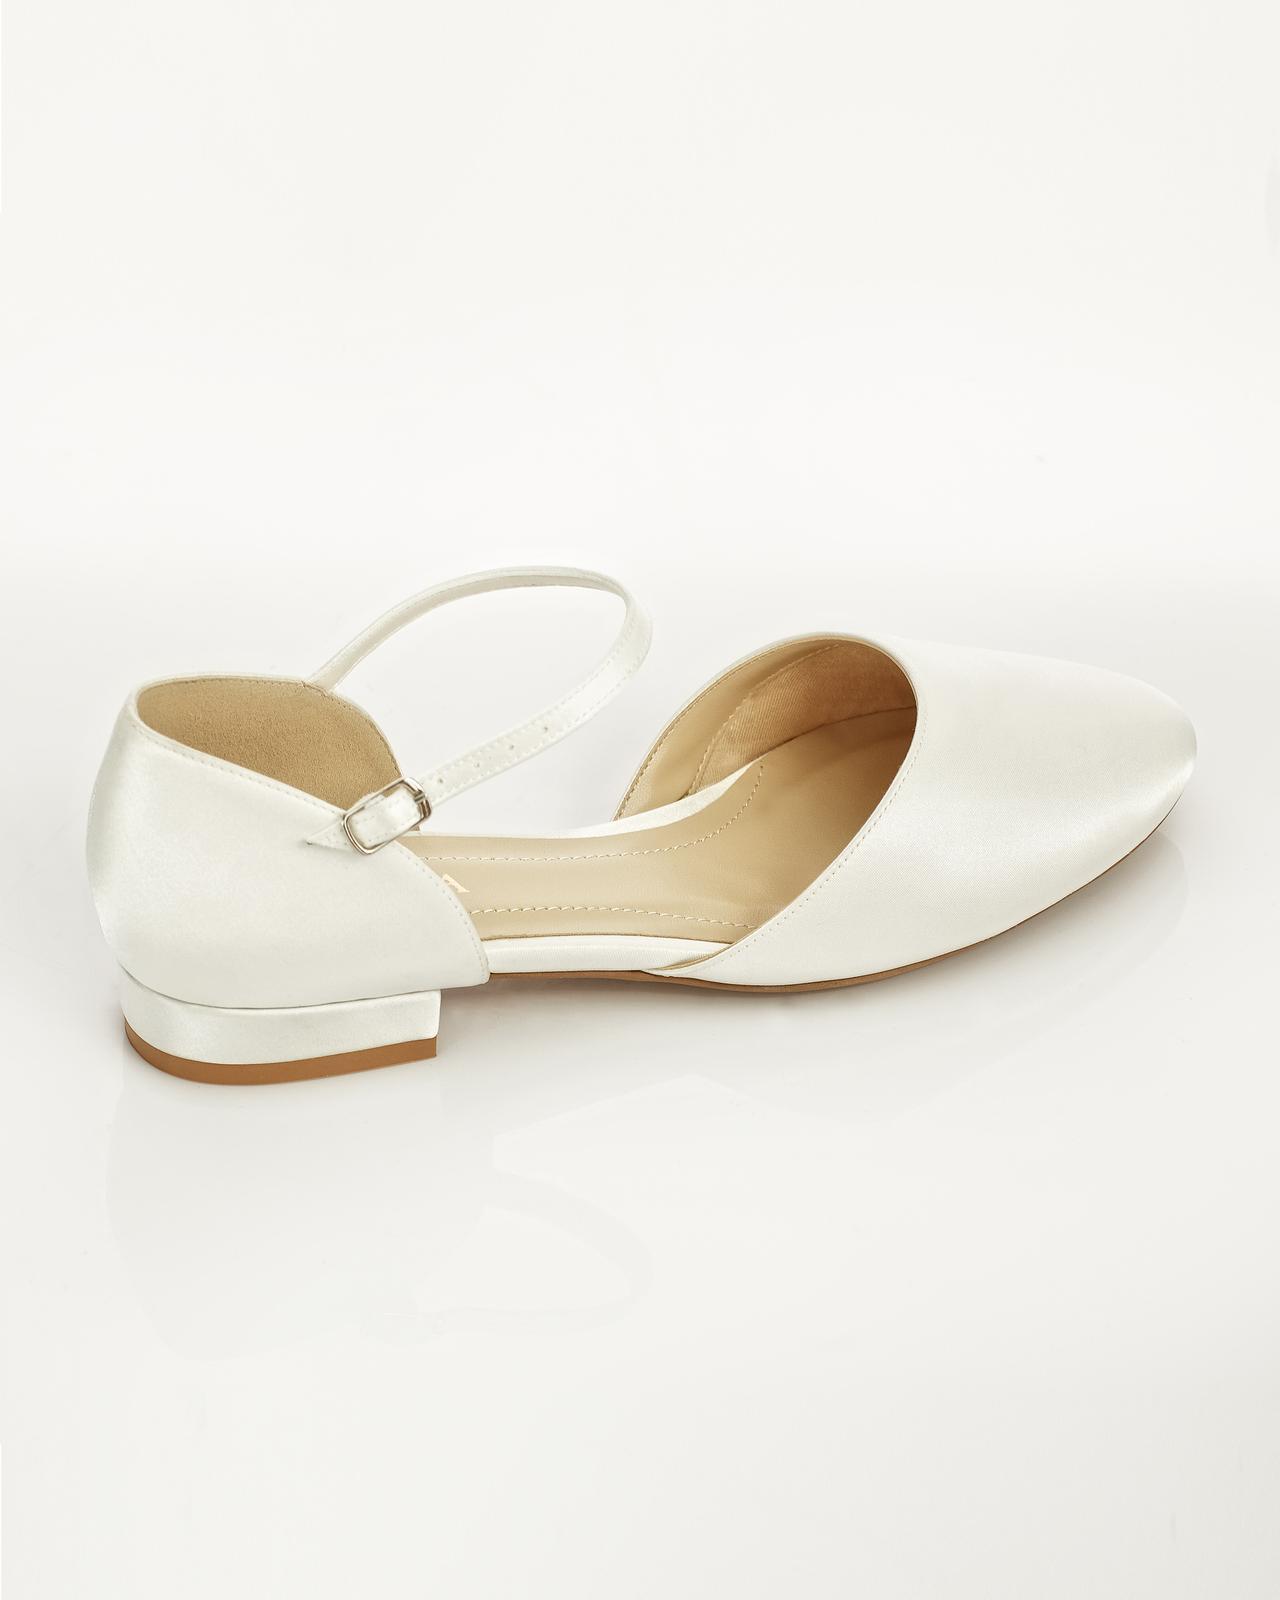 Svadobné balerínky Sissi veľ. 36 až 41 - Obrázok č. 3